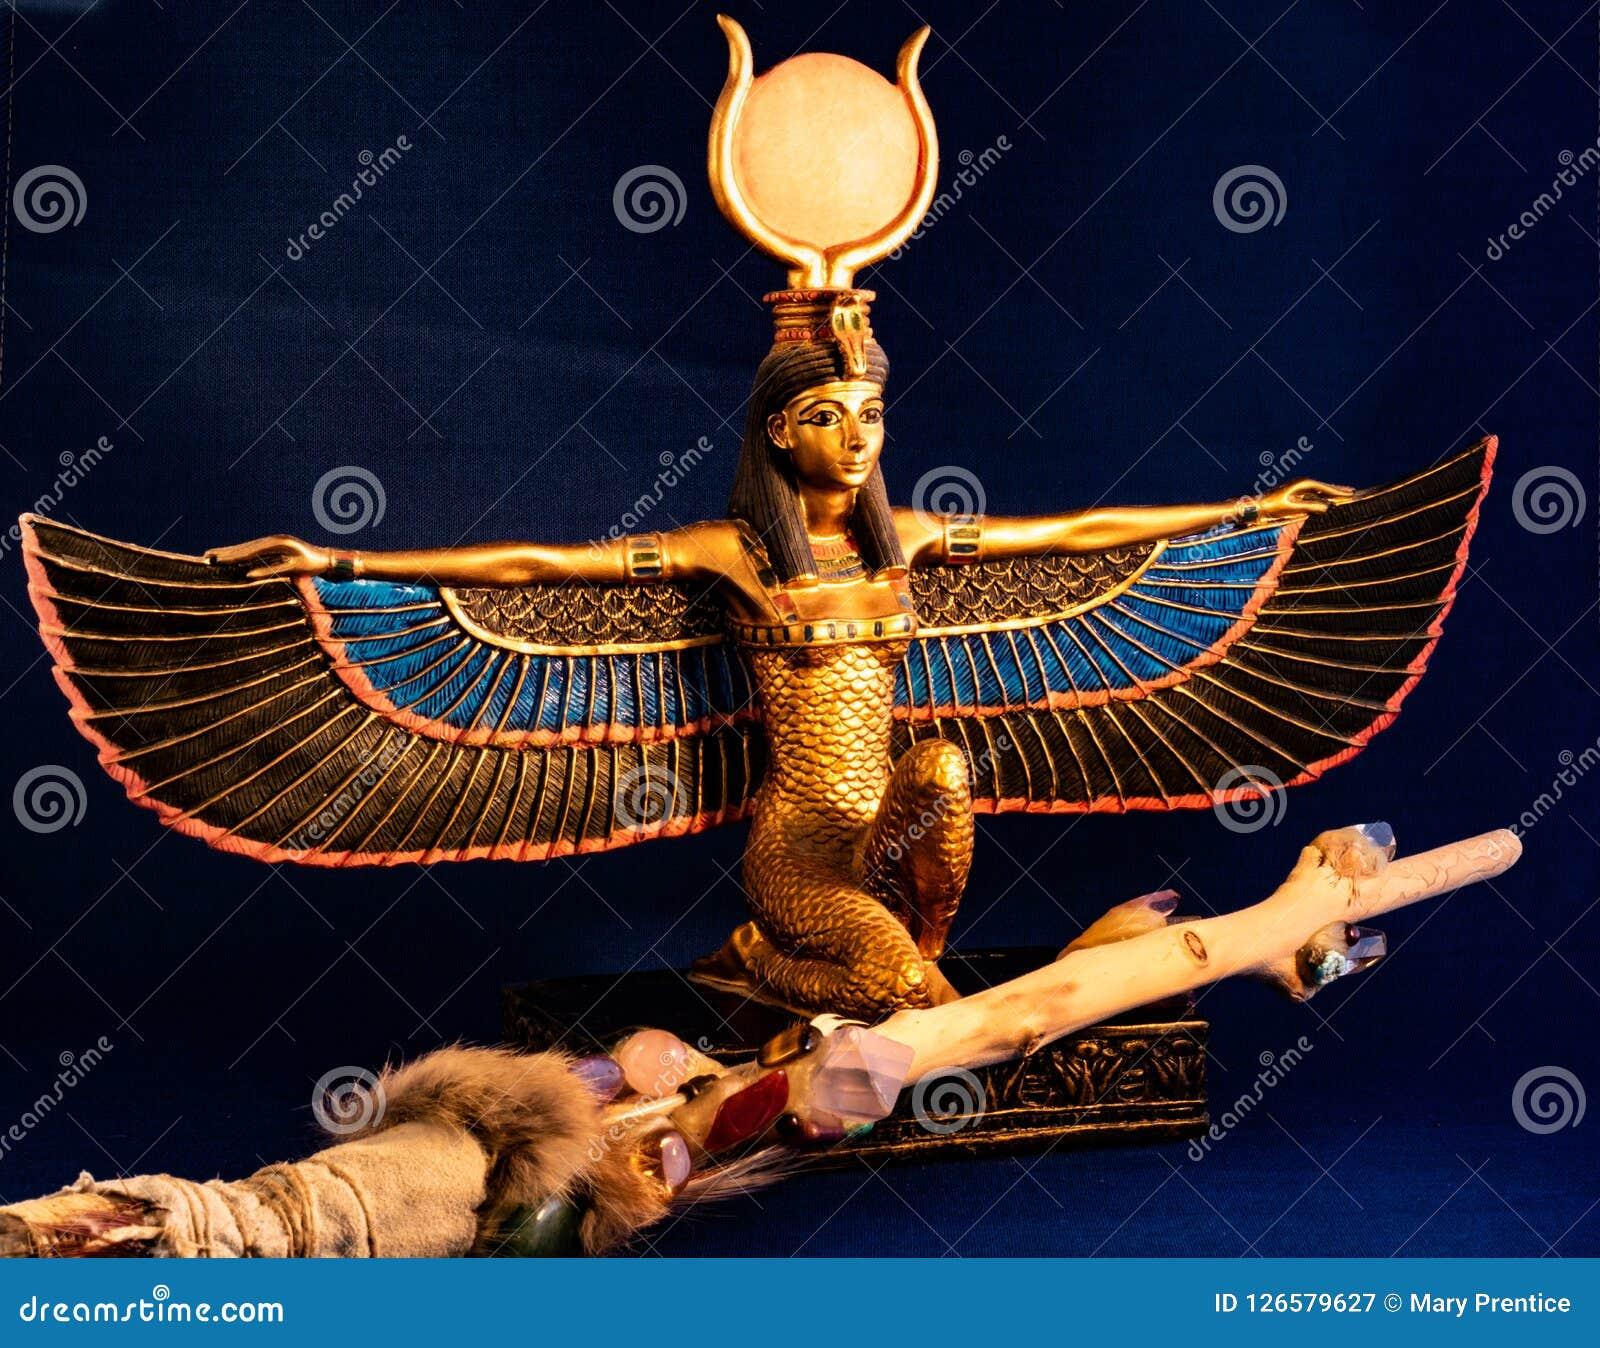 Ägyptischer Göttin Isis, der mit dem traditionellen magischen Stab hergestellt mit Quarz, Amethystkristallen, Holz und Federn kni